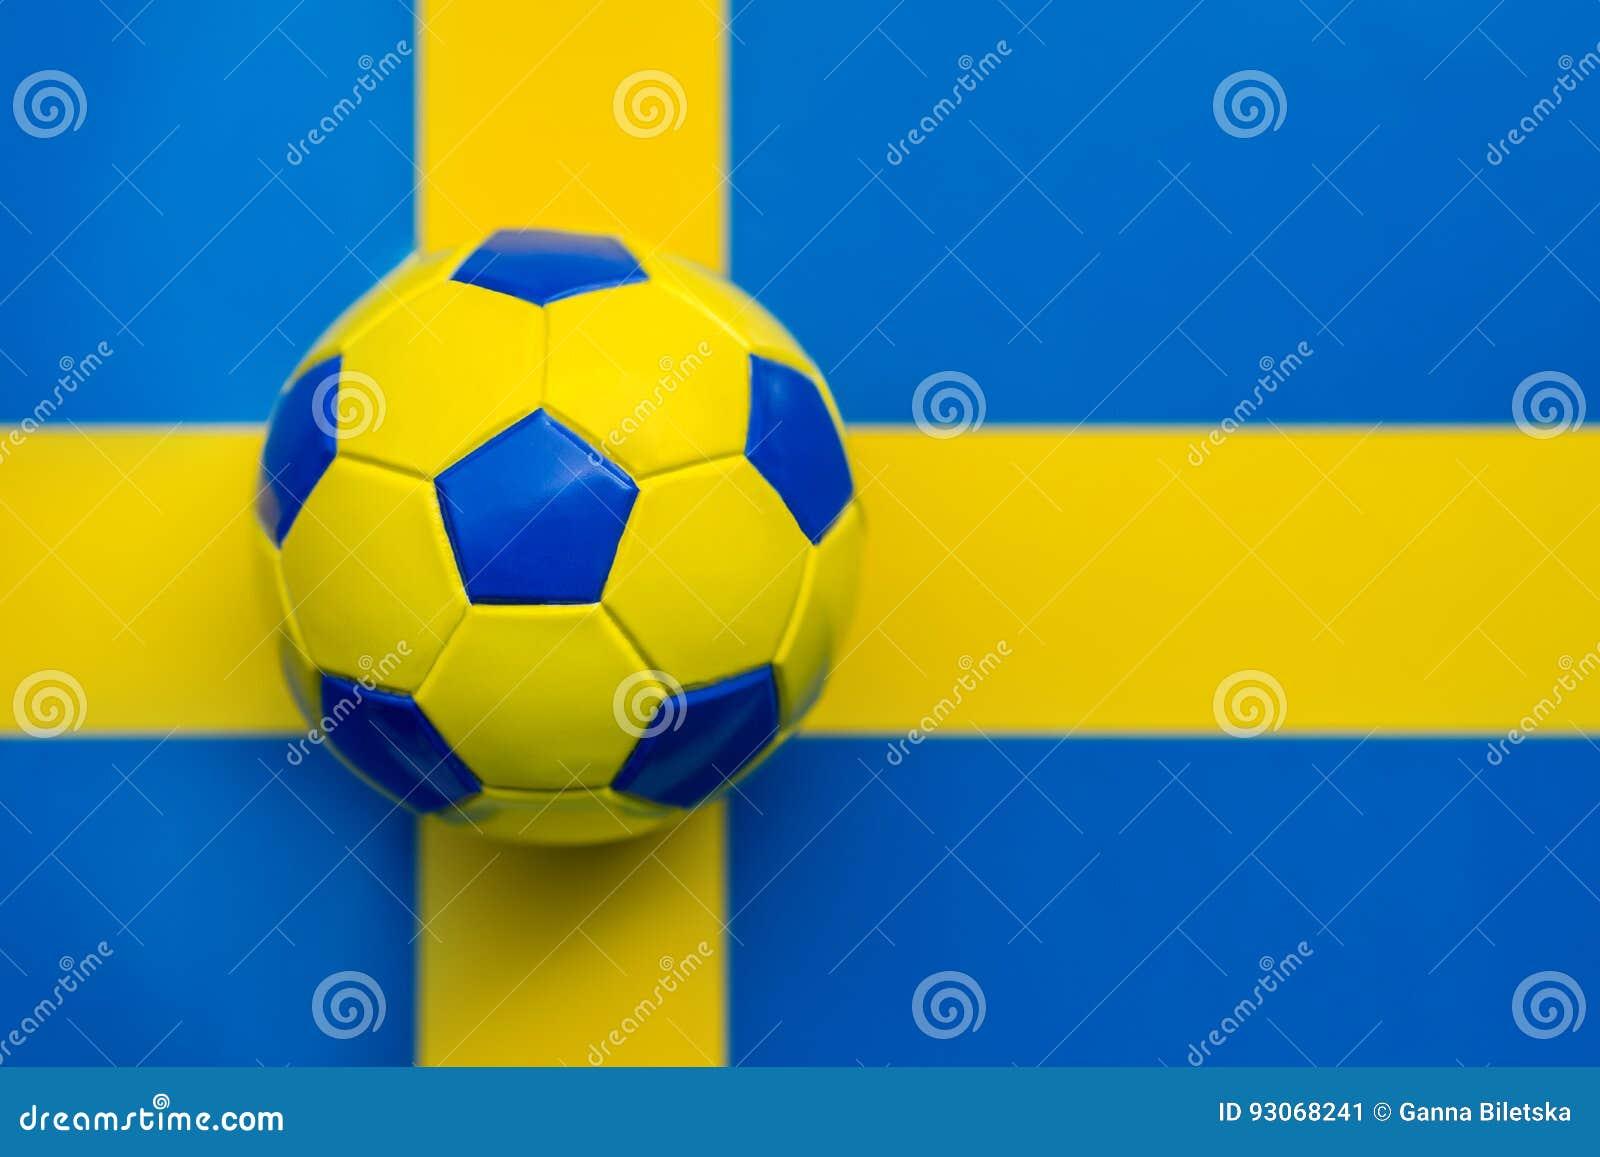 Pallone Da Calcio Giallo Blu Contro Lo Sfondo Della Bandiera Del